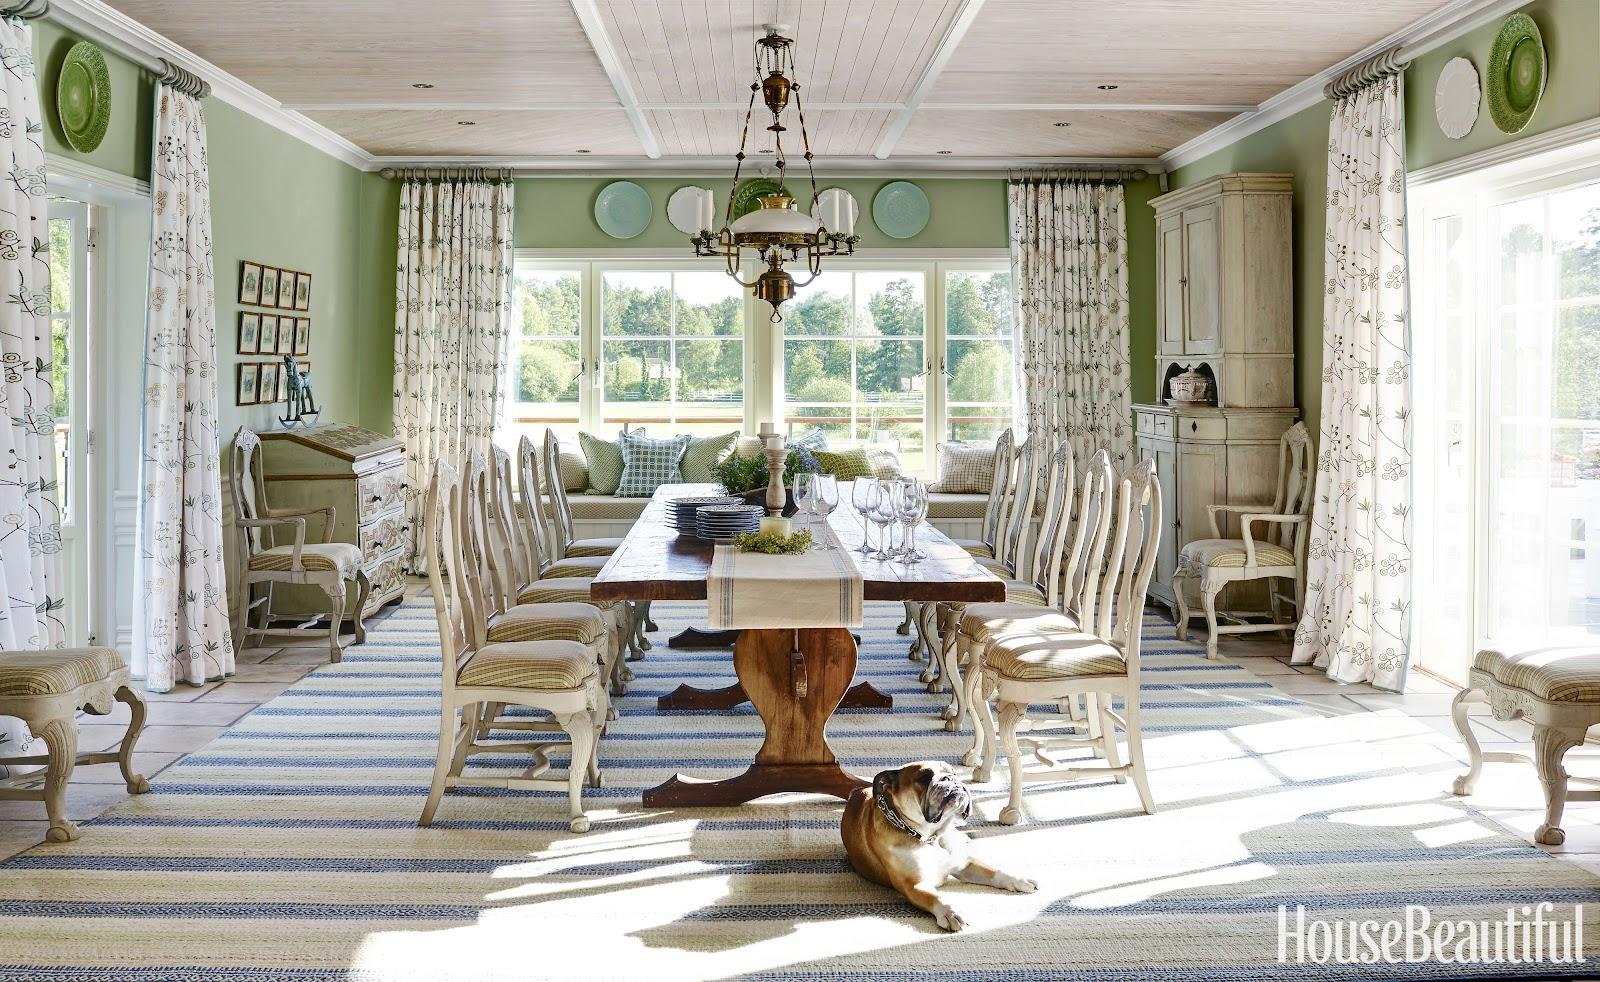 Ruang makan yang terinspirasi dari interior country home Inggris tahun 1900-an - source: housebeautiful.com